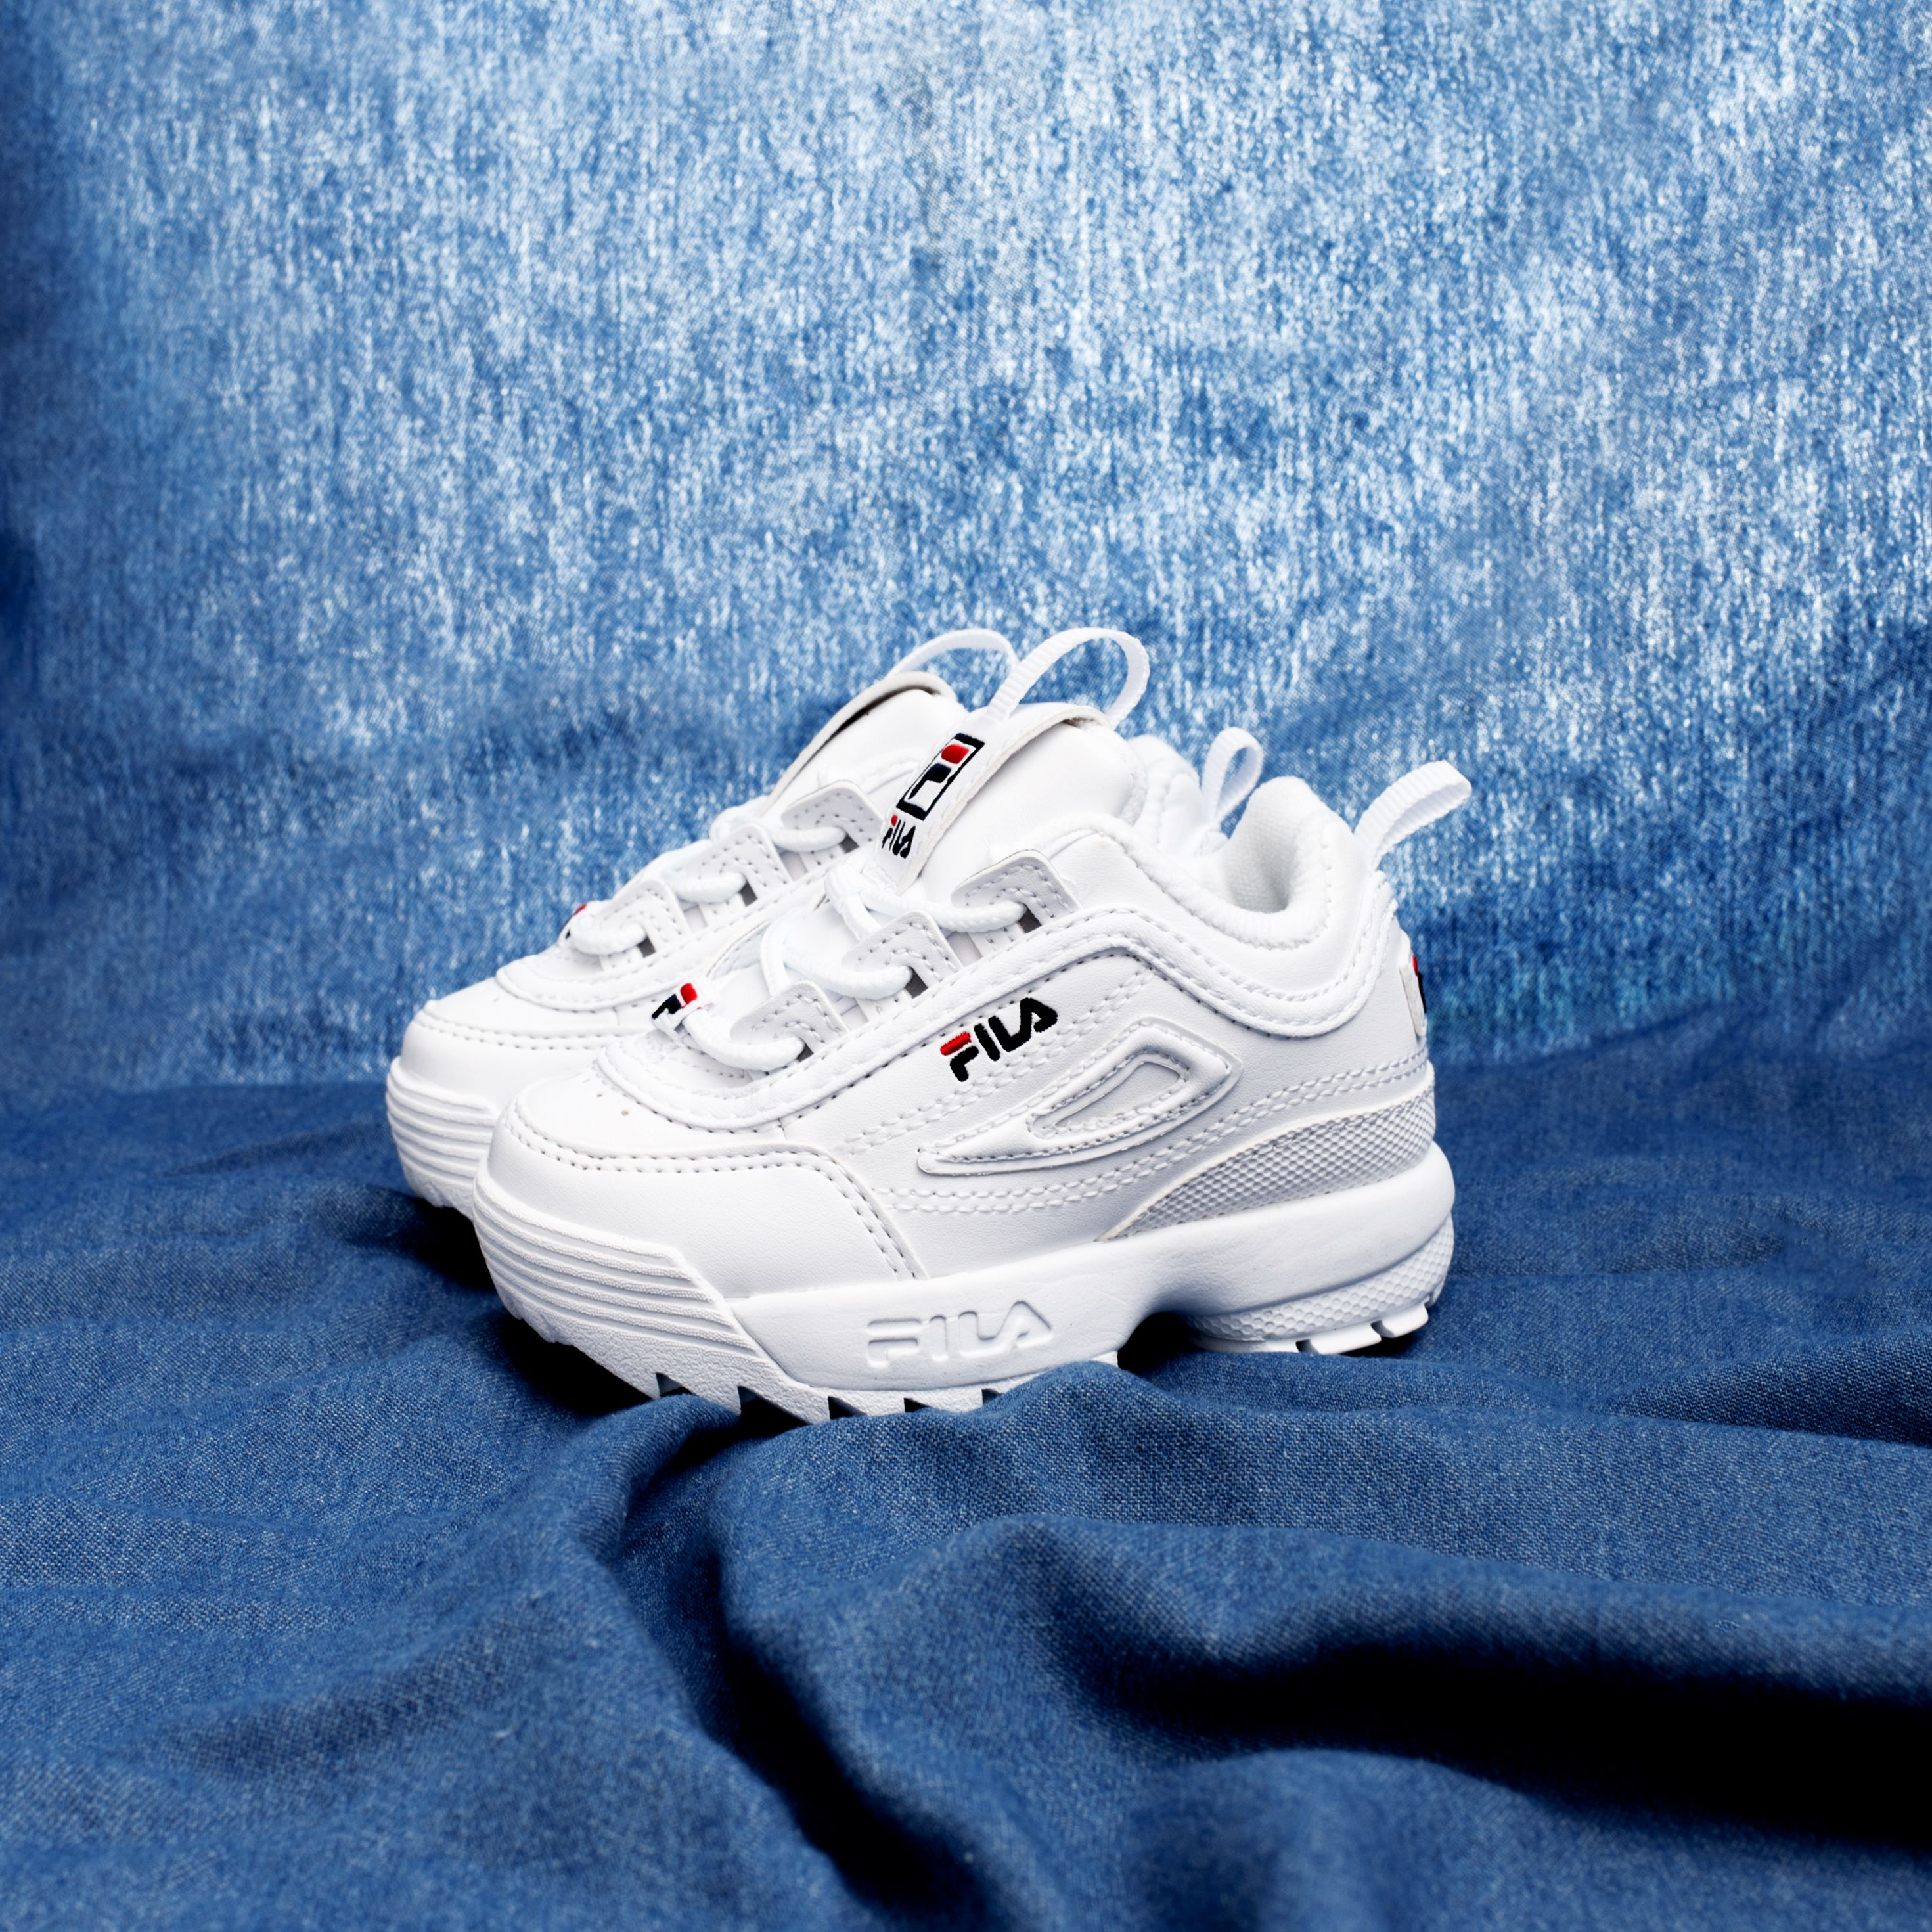 Retour d'un basique #basics #basique #sneakers #france